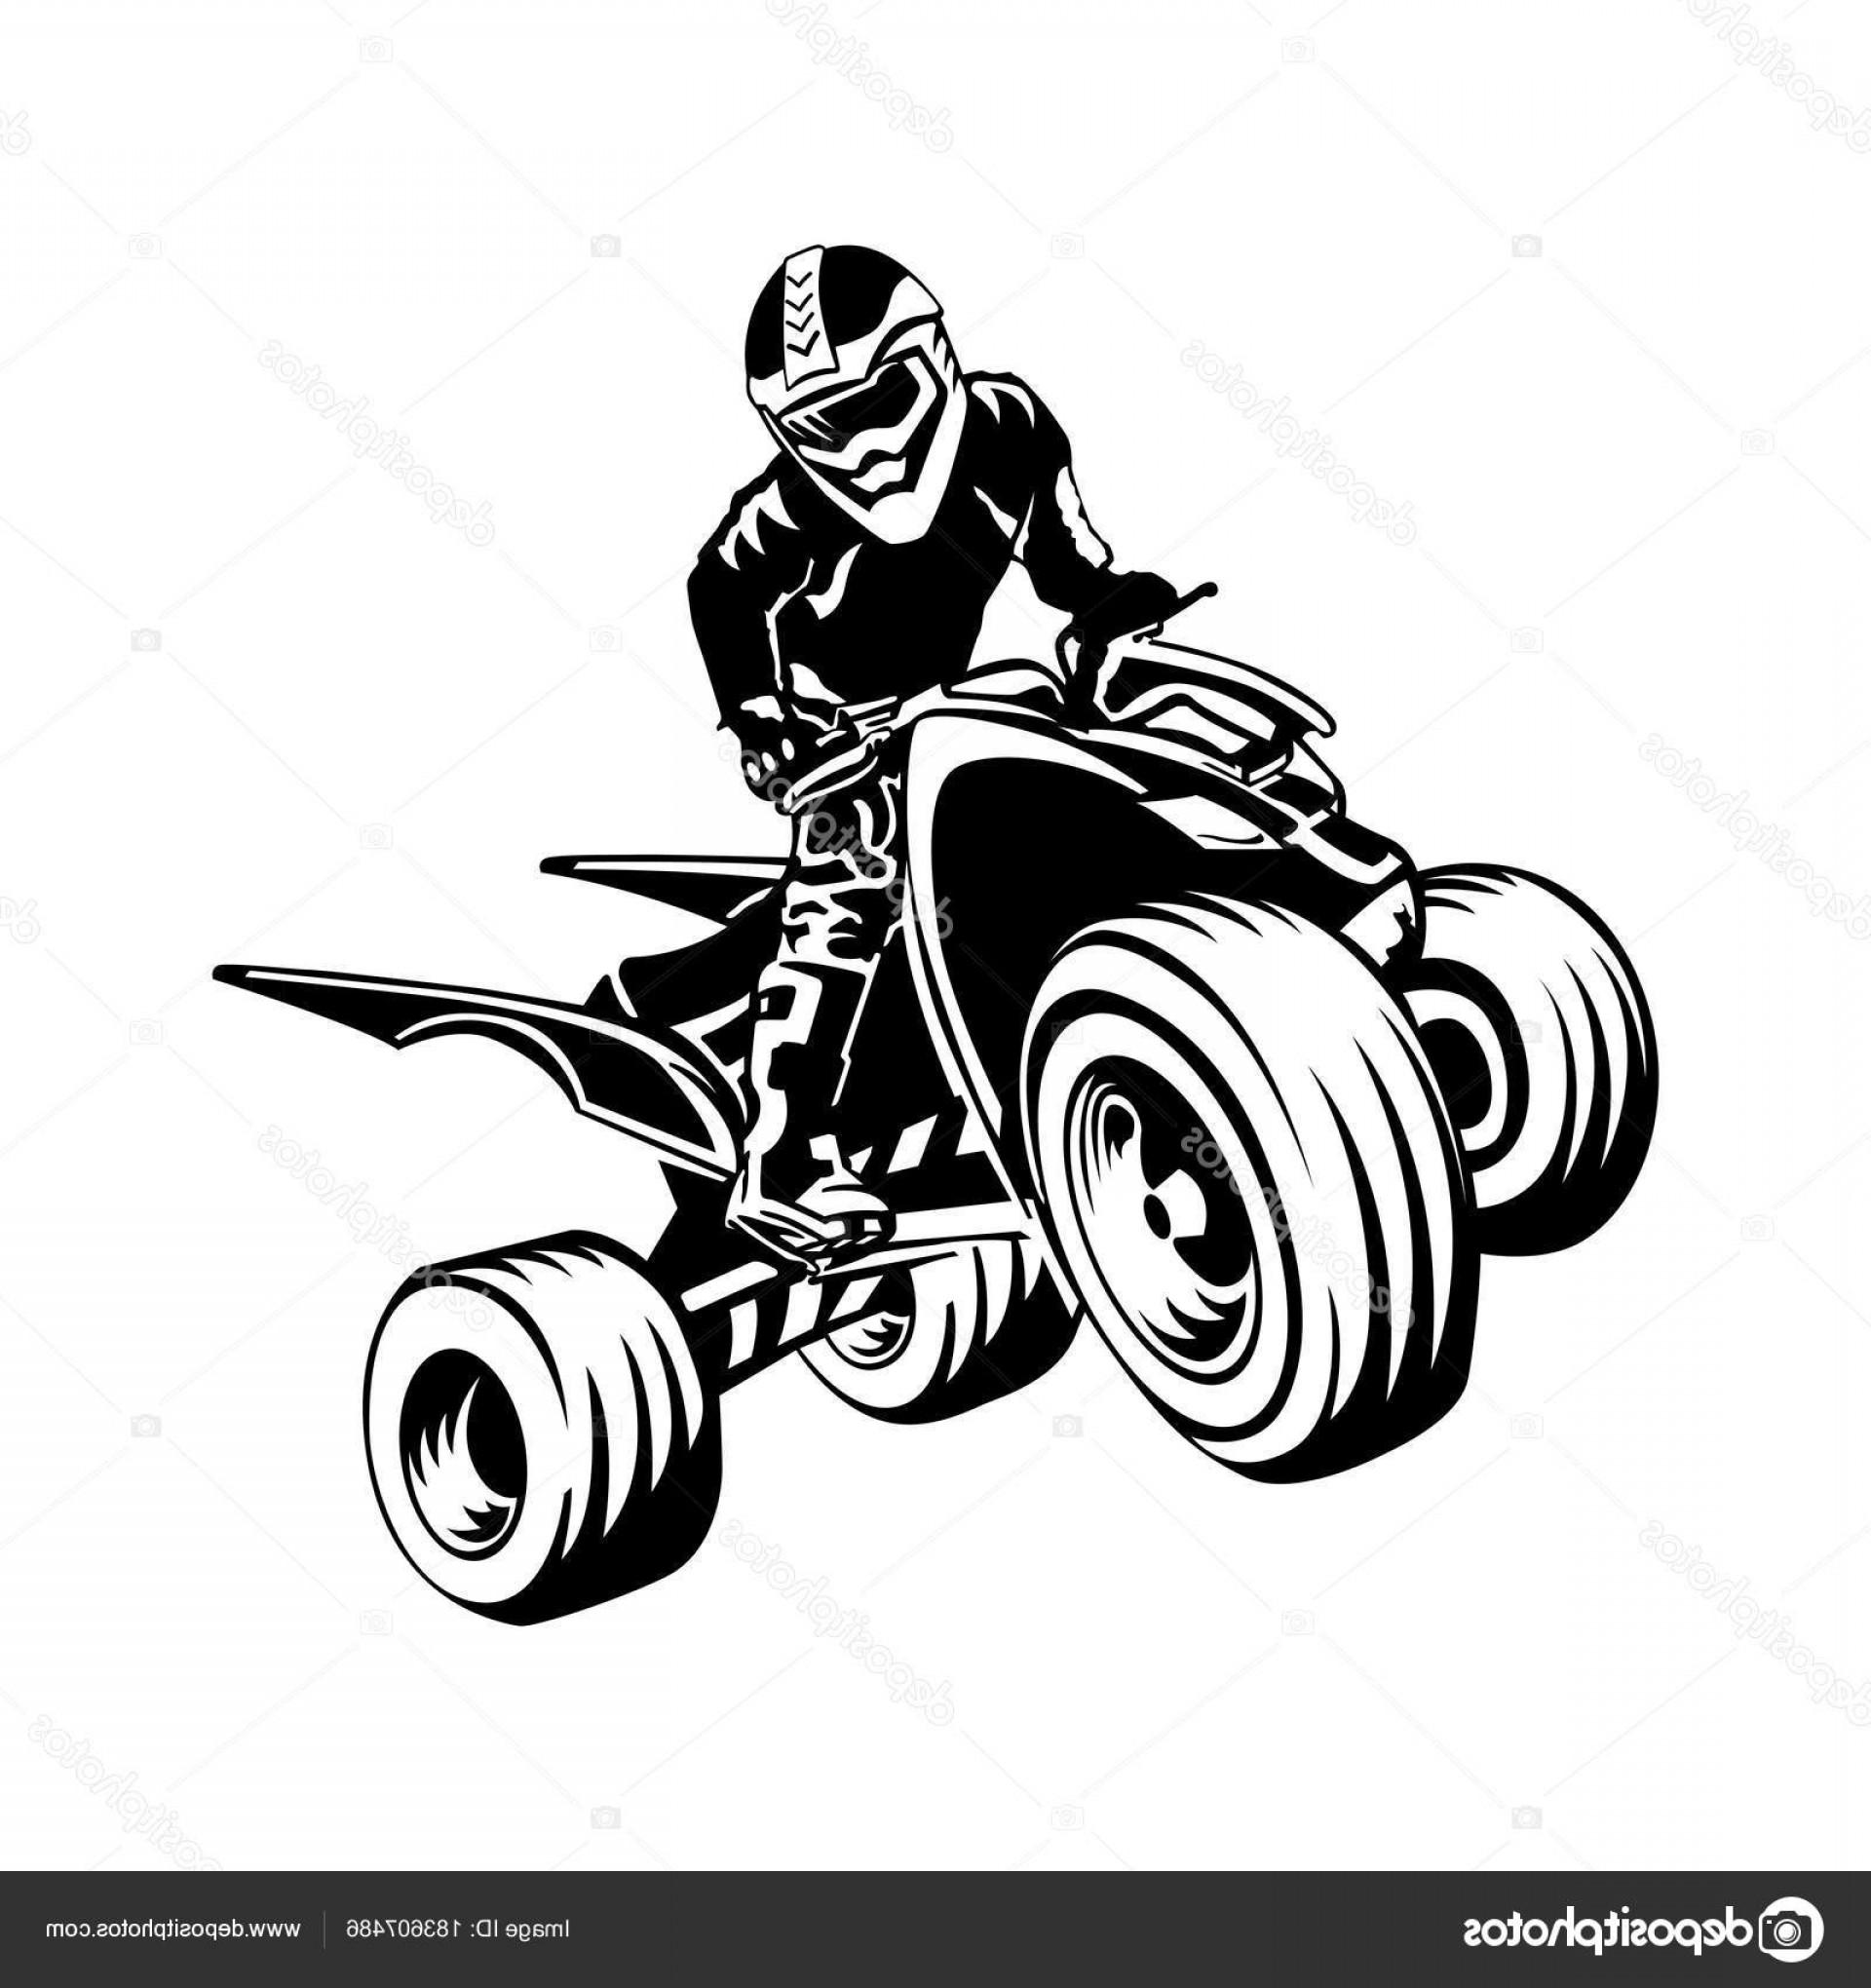 Four wheeler with flames clipart. Car logo quad design